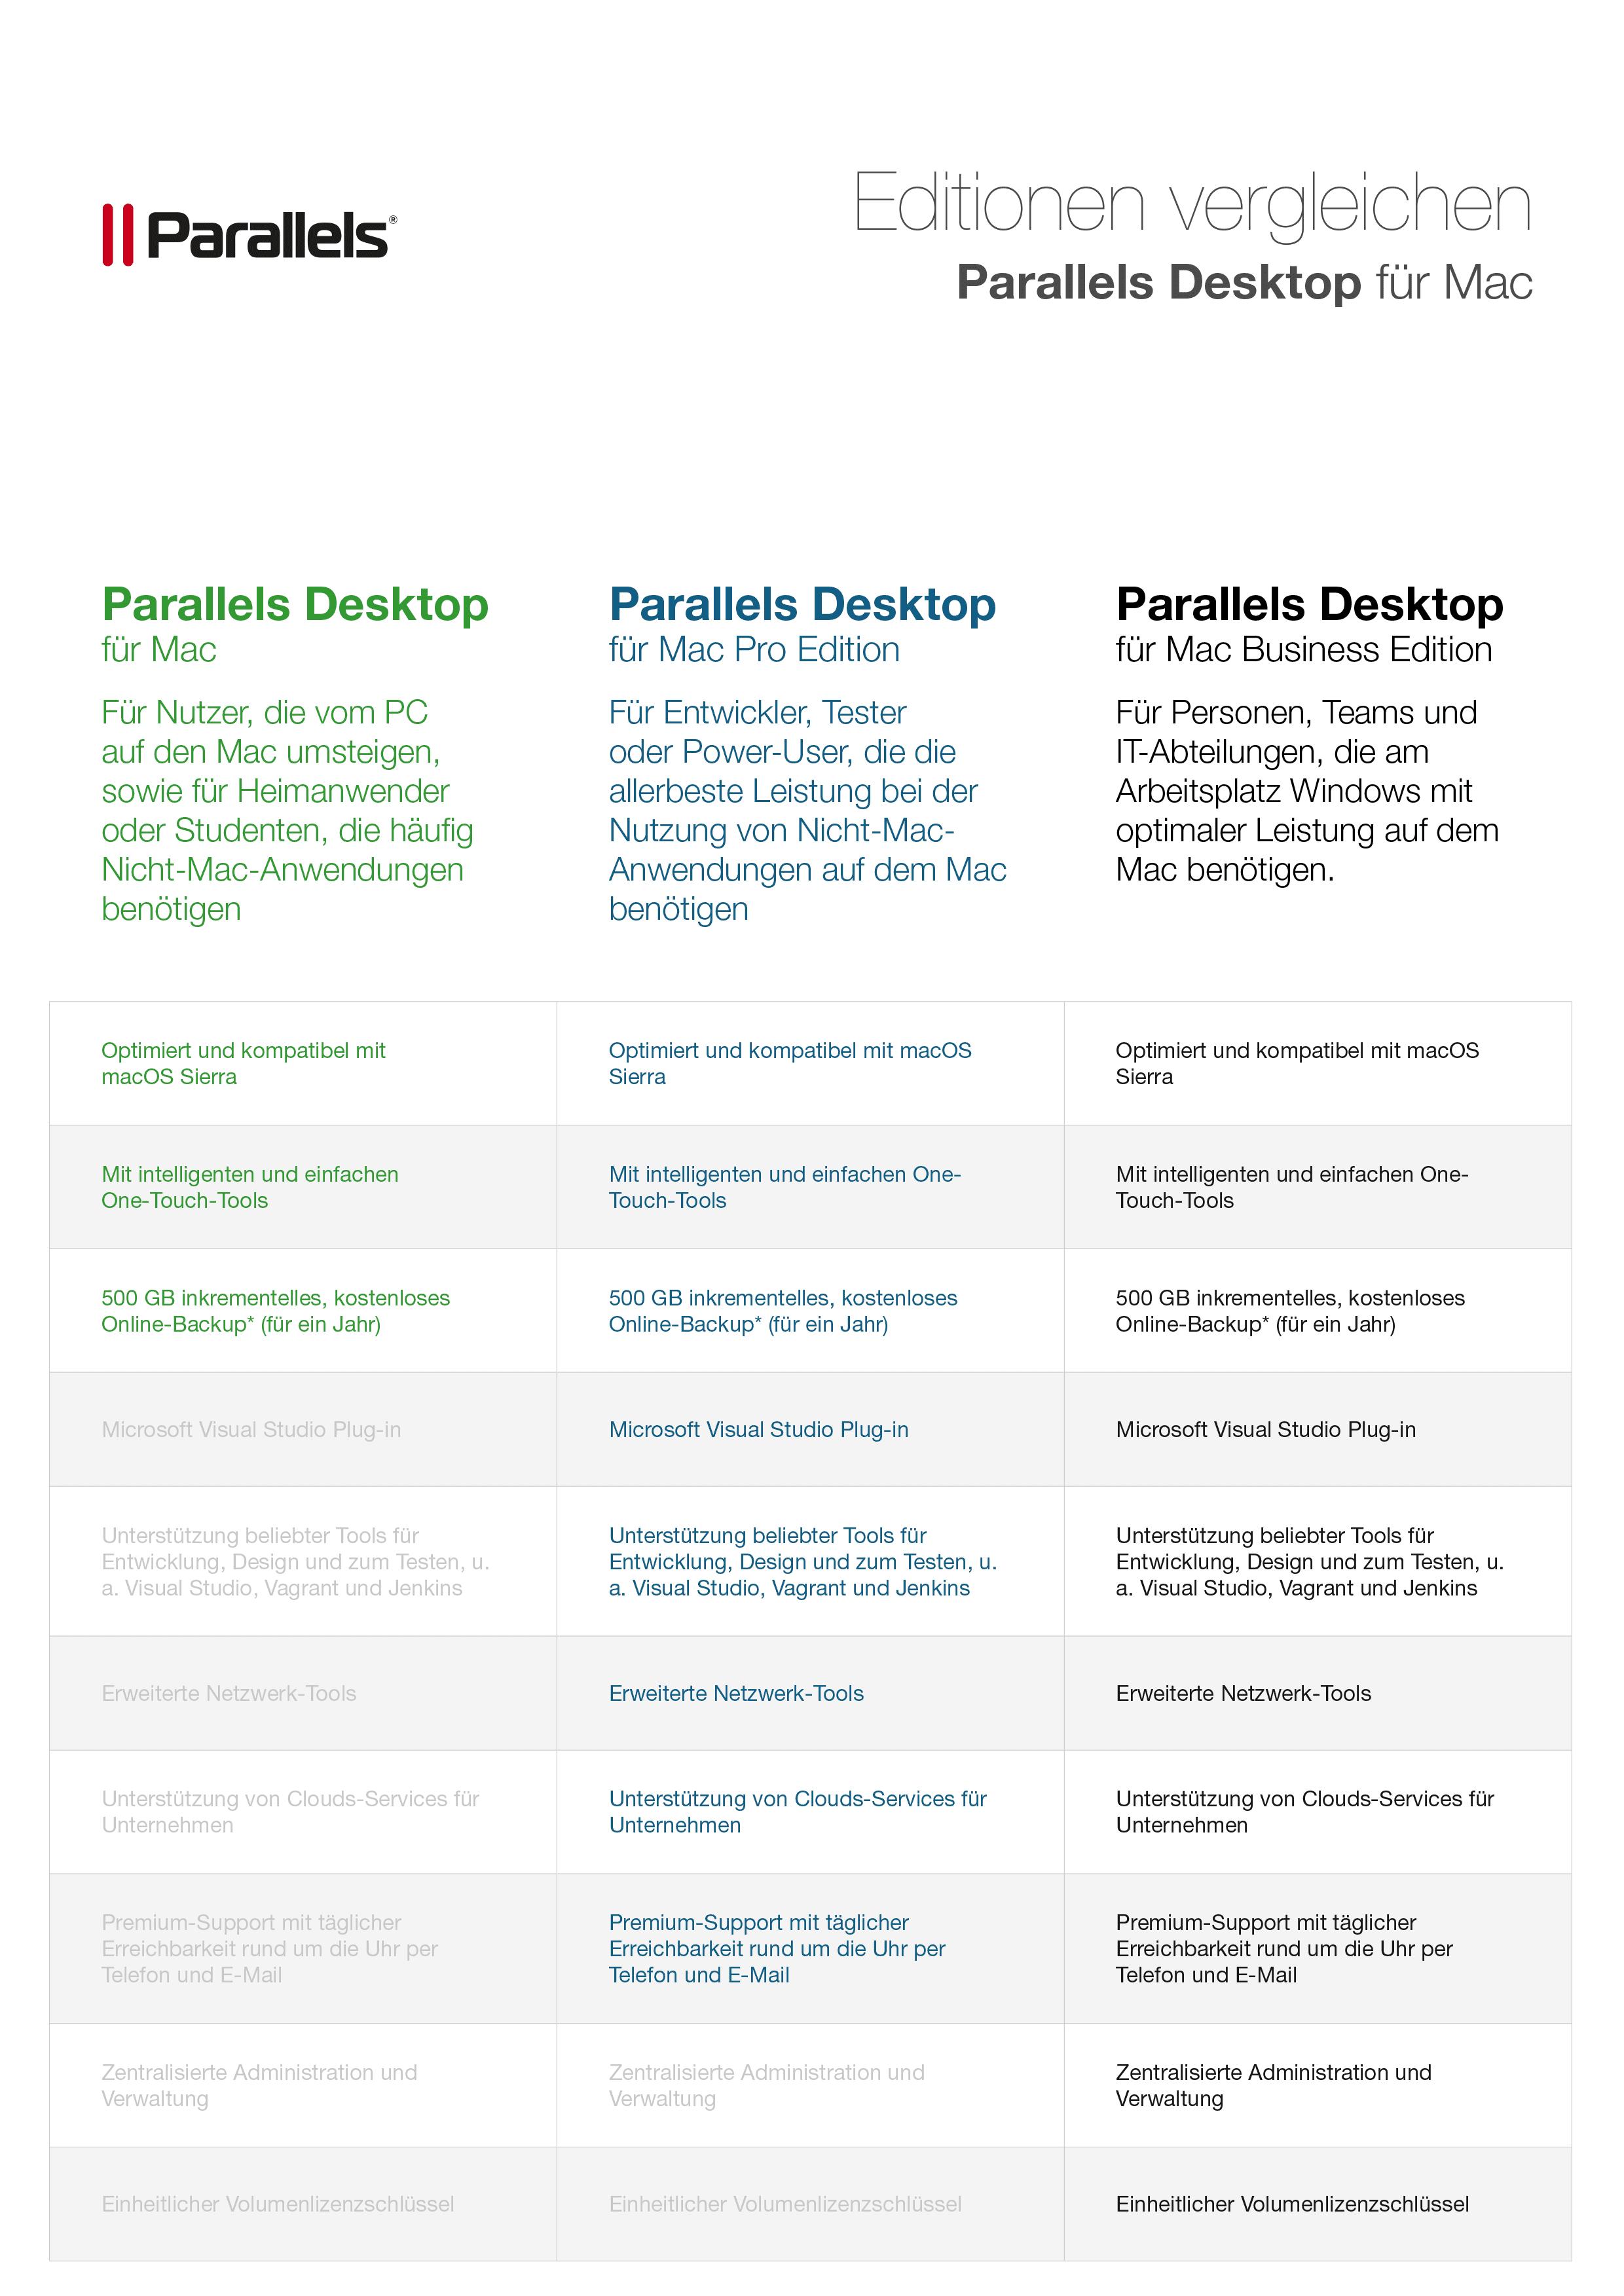 Editionenvergleich Parallels